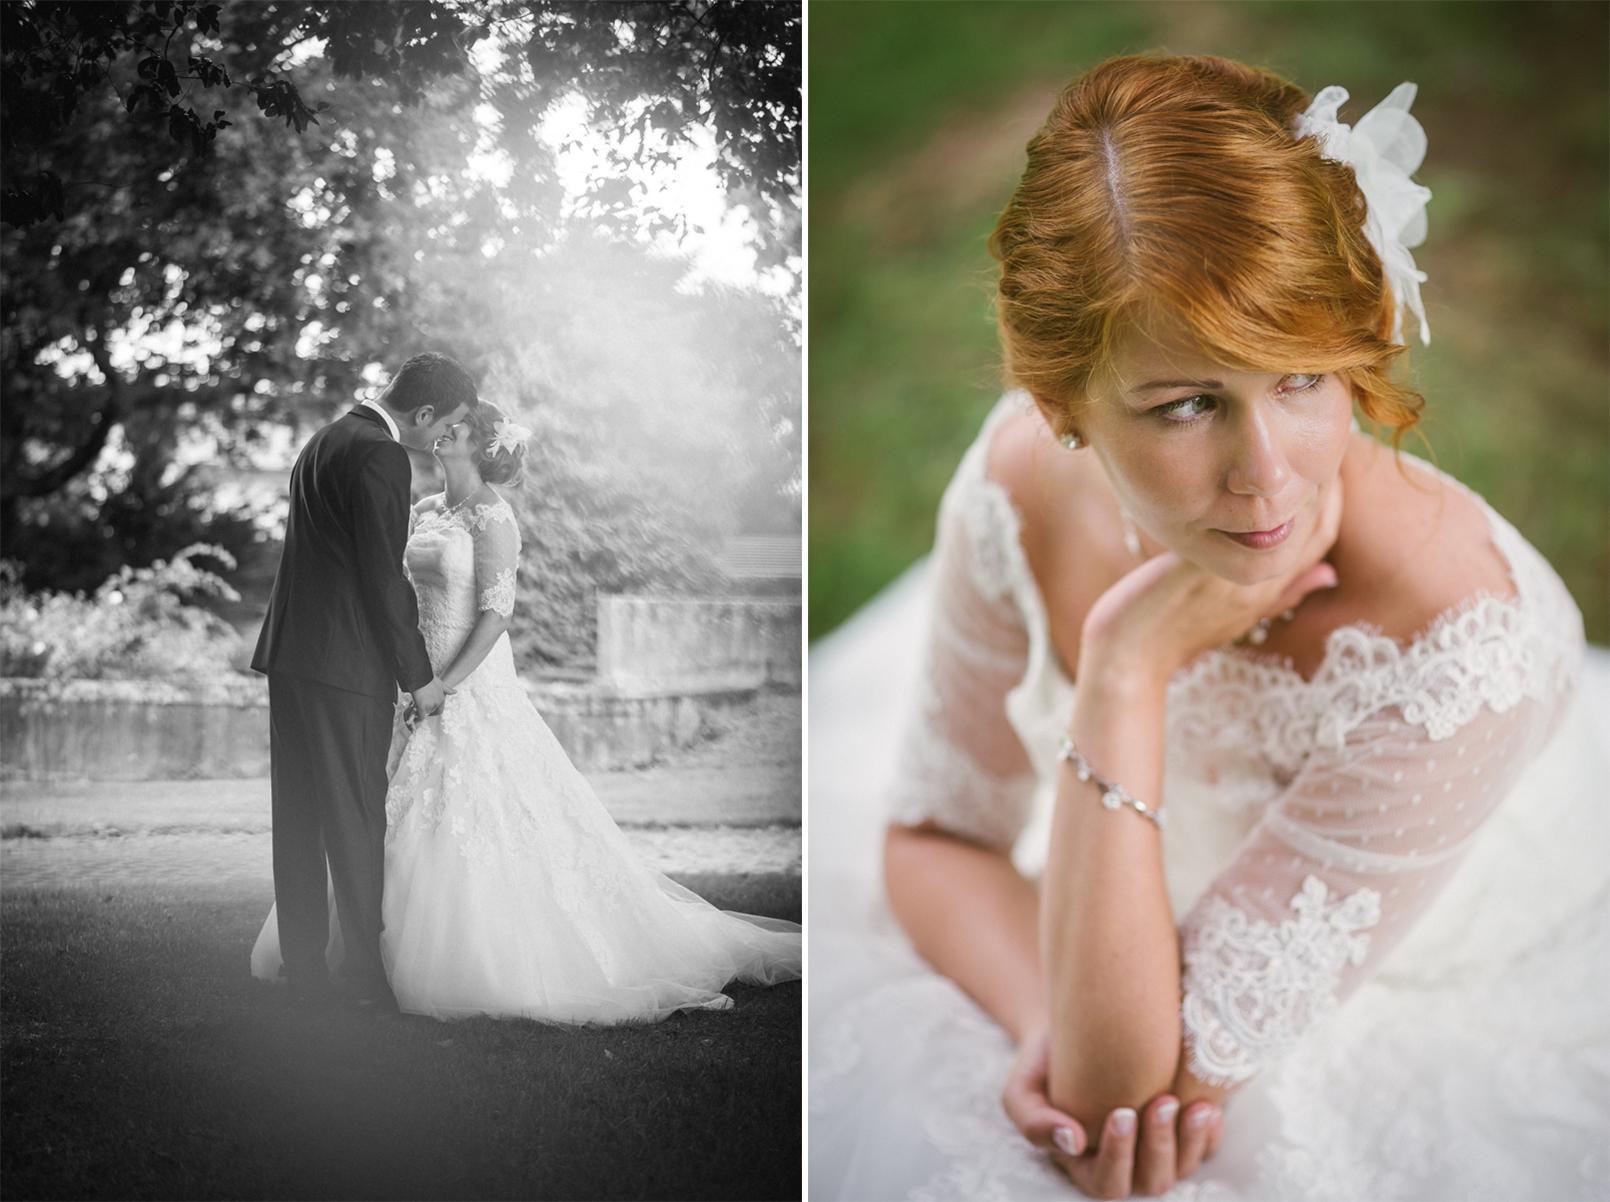 Hochzeitsfotograf-Baesweiler-Aachen-Dreamcatcher-Photography-0031b